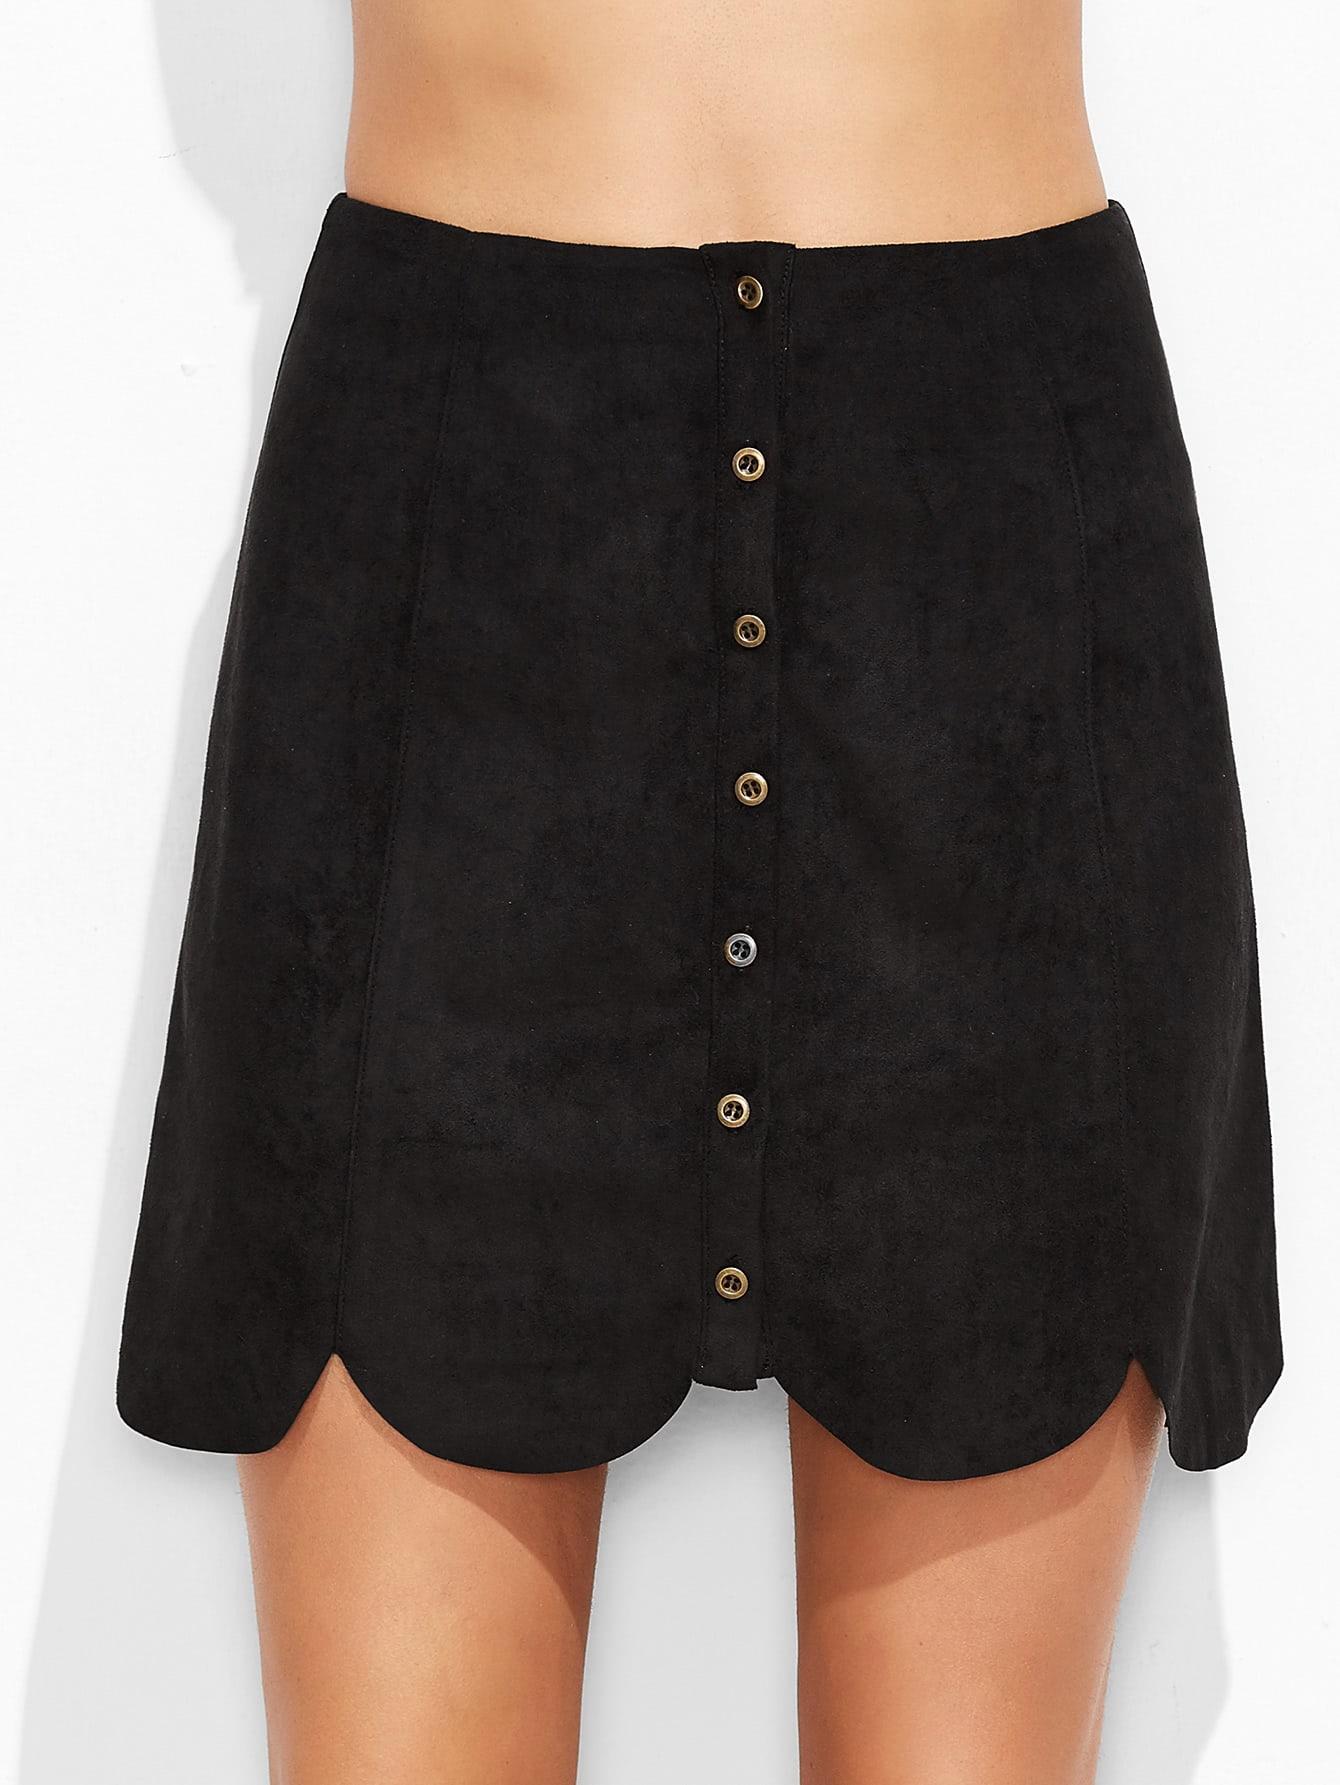 skirt161202703_2